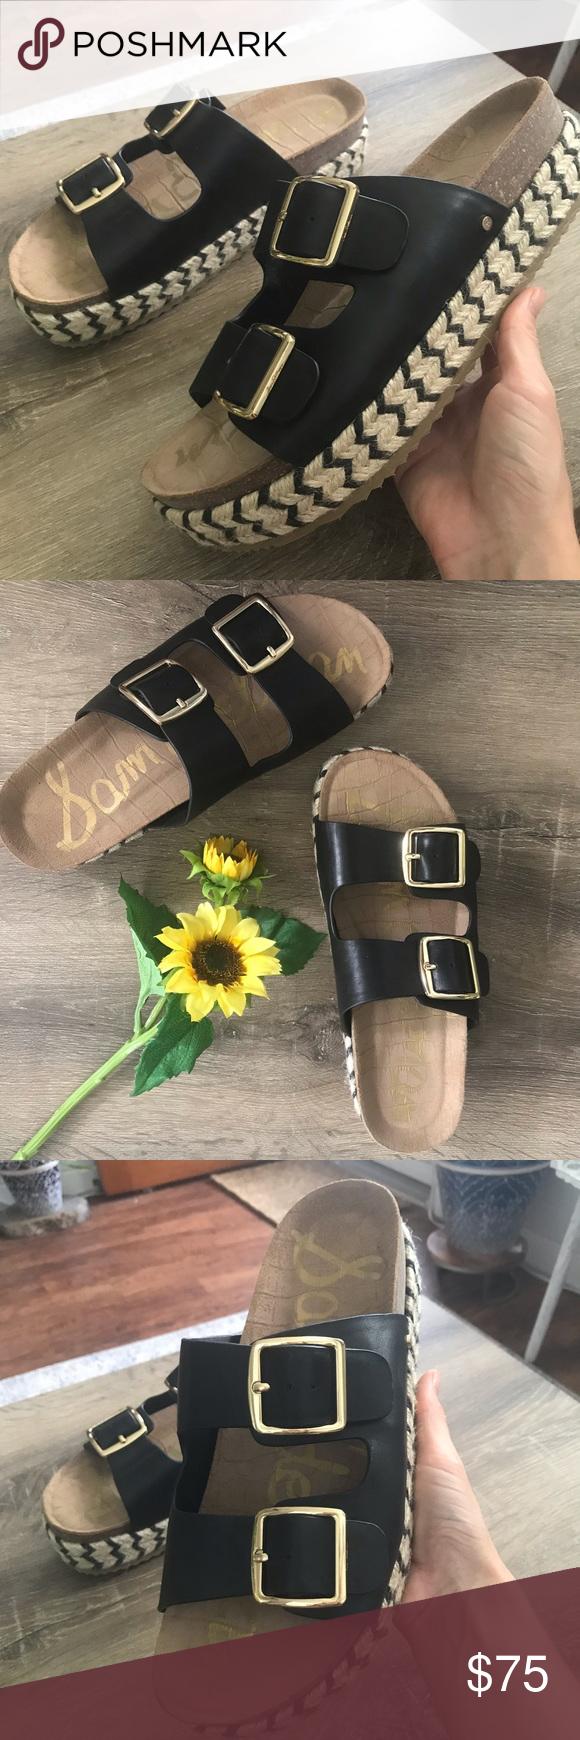 Sam Edelman Oakley Platform Sandals